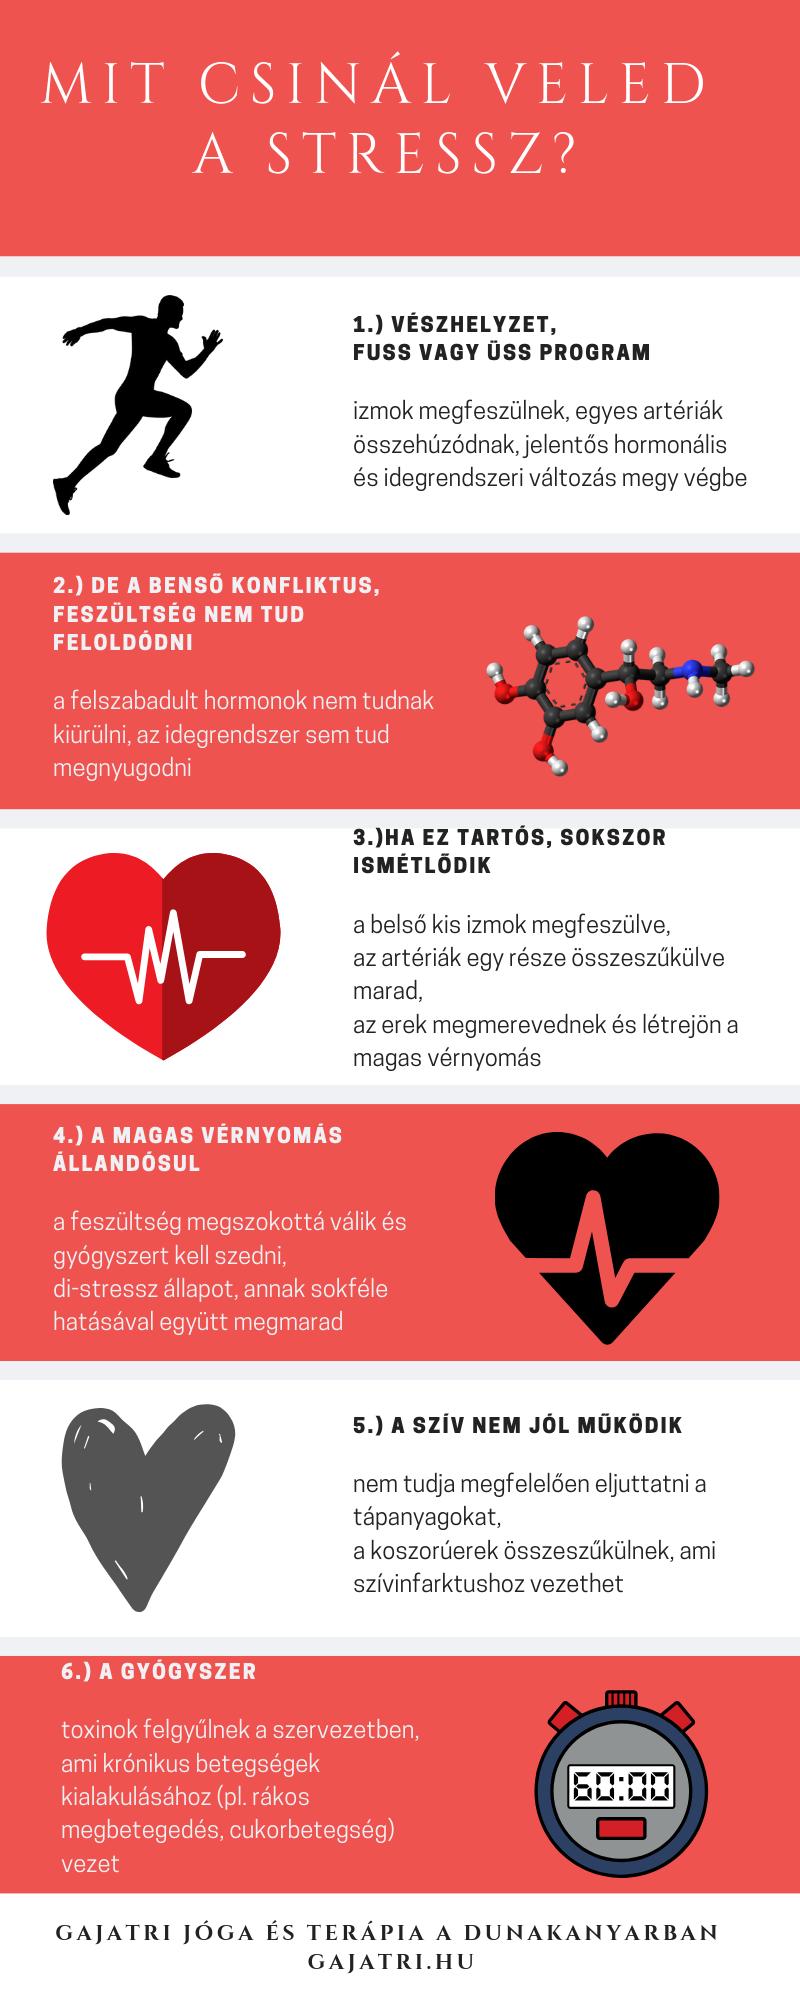 az asd-2 alkalmazása magas vérnyomás-felülvizsgálatokhoz a magas vérnyomás első jelei a férfiaknál, mit kell tenni